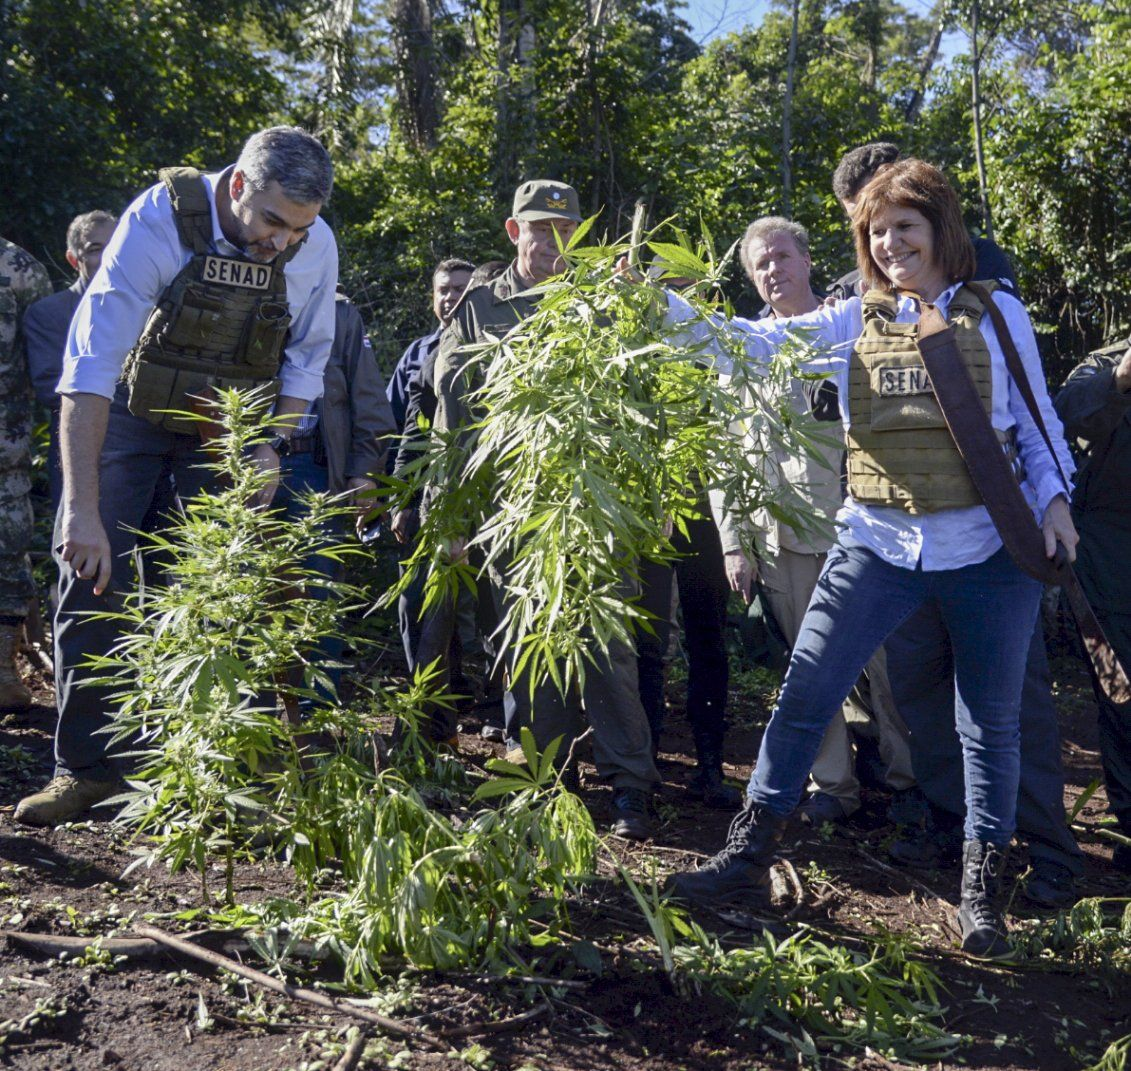 El fracaso del programa Argentina Sin Narcotráfico de Bullrich y la dura crítica de Frederic: en el 93% de los operativos se incautó menos de 100 gramos de marihuana